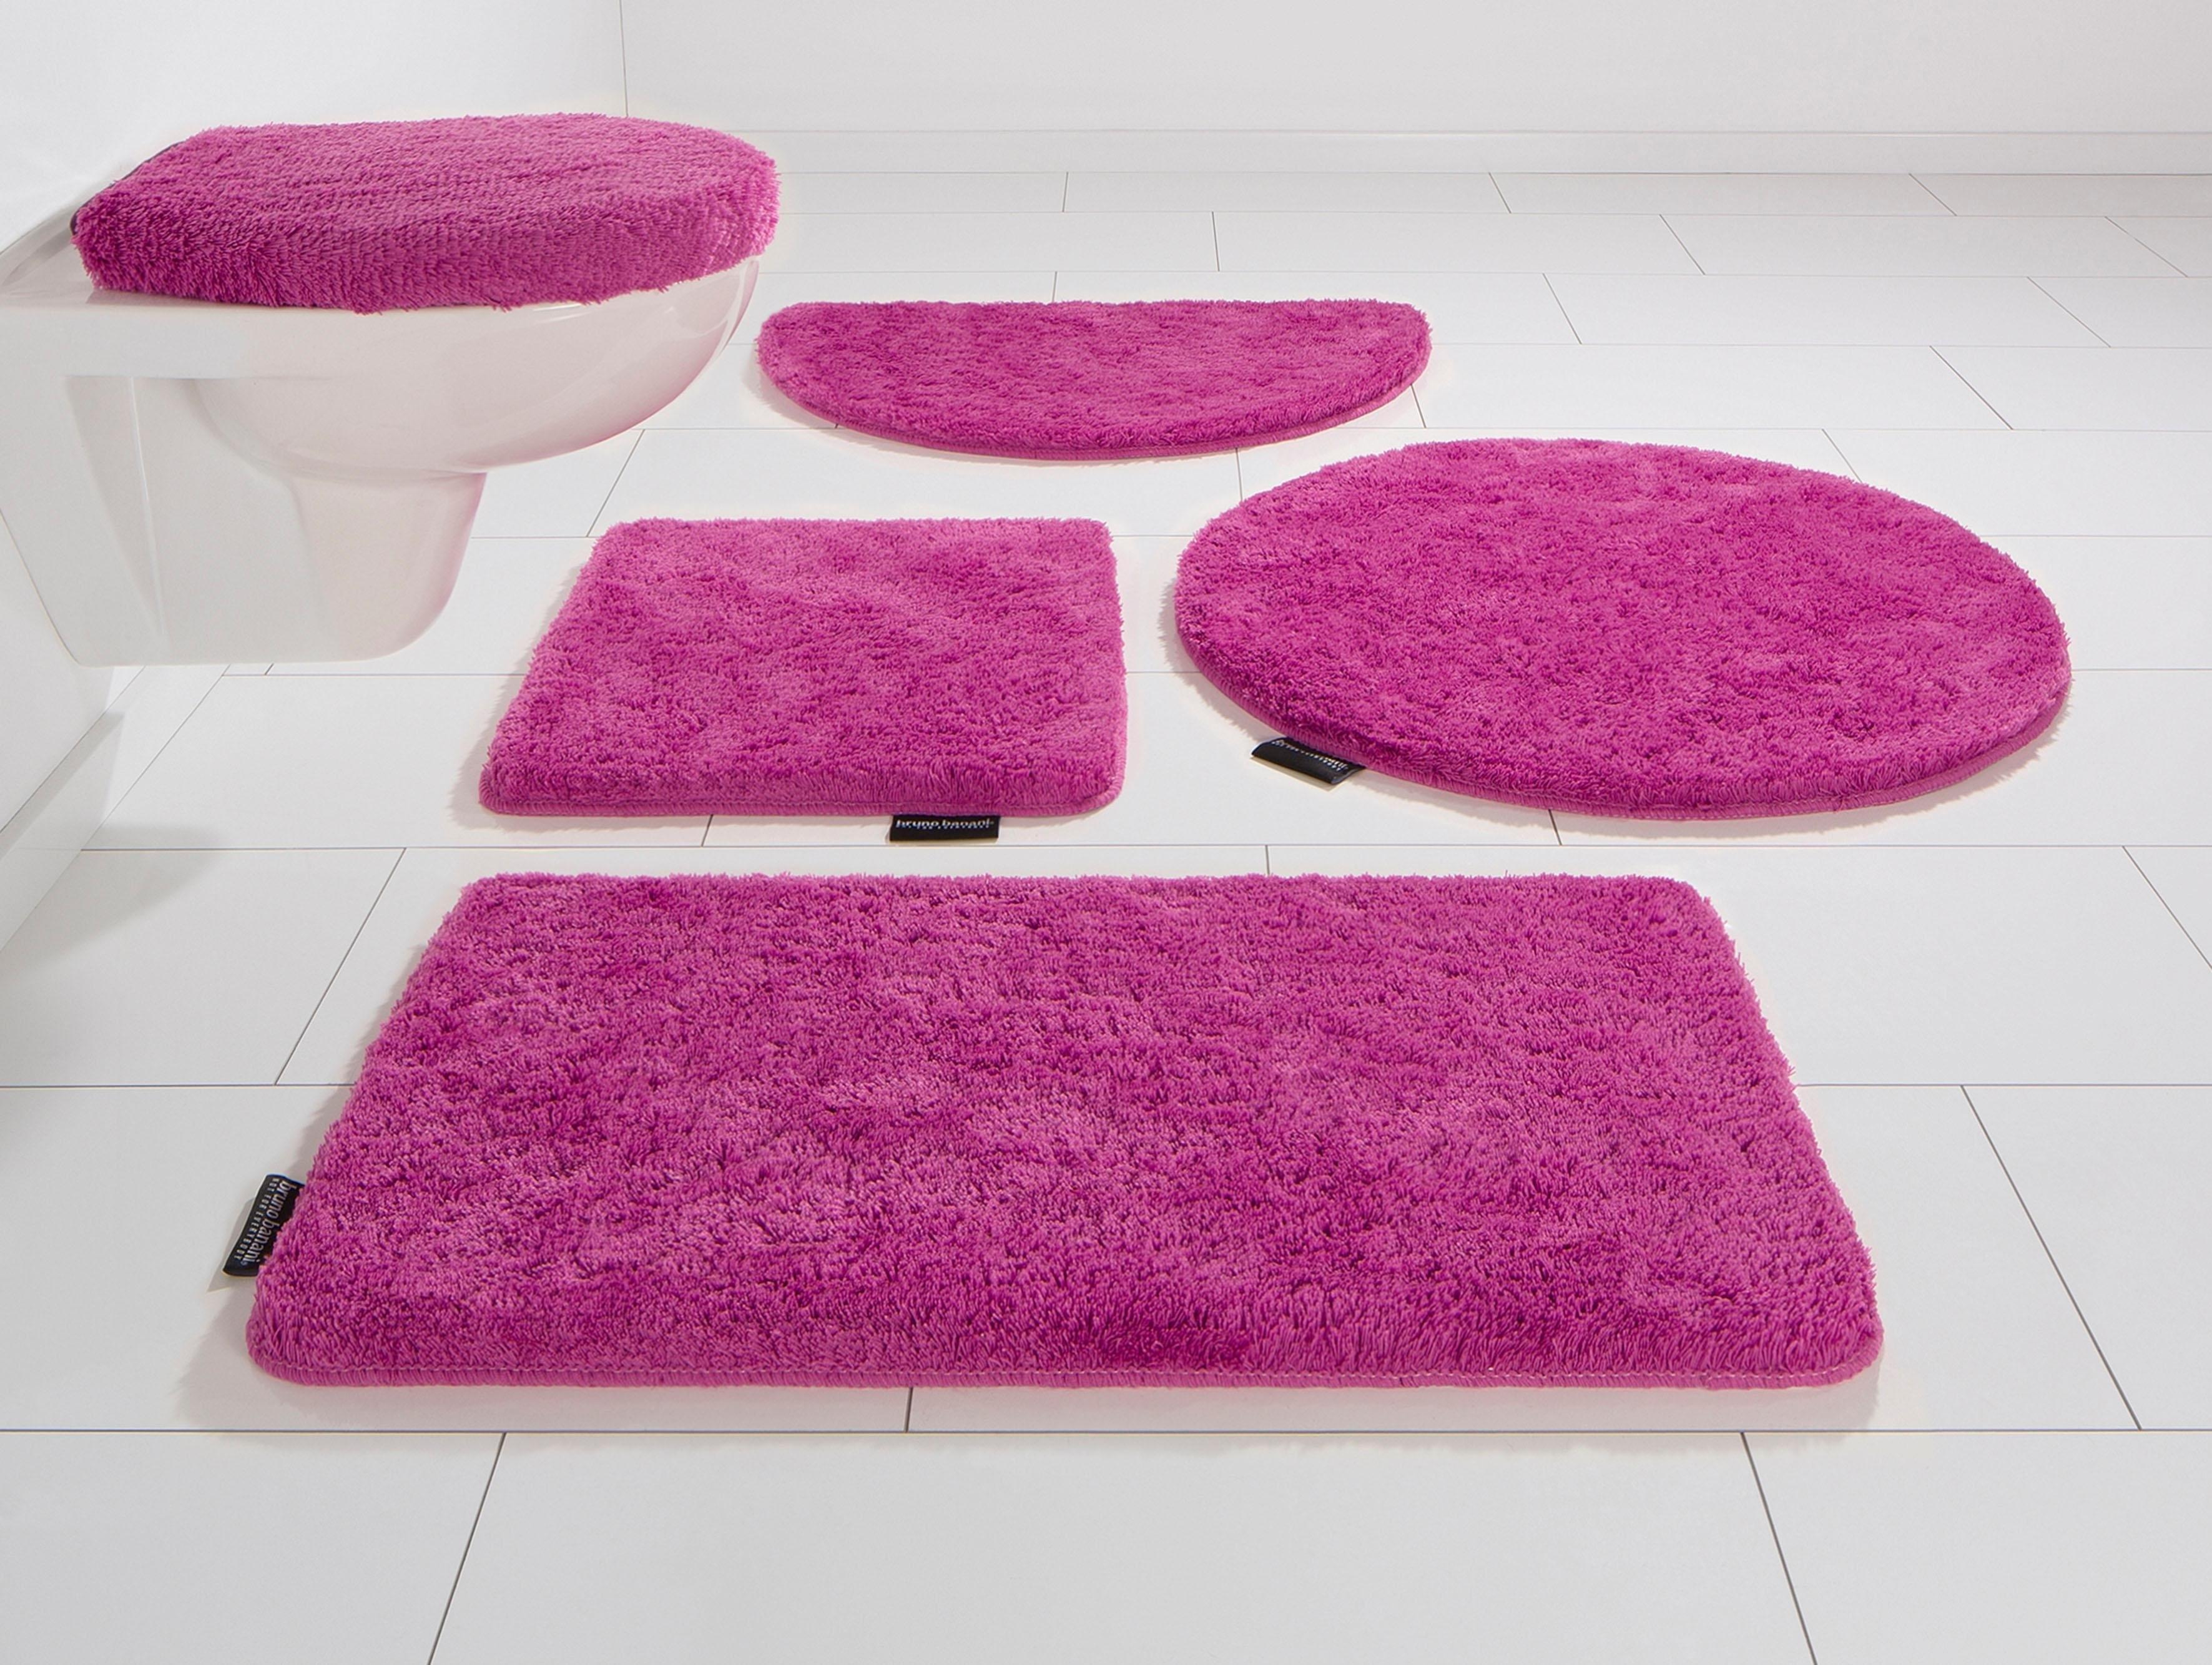 Bruno Banani Badmat »Lana«, hoogte 25 mm, met antislip-coating, geschikt voor vloerverwarming in de webshop van OTTO kopen